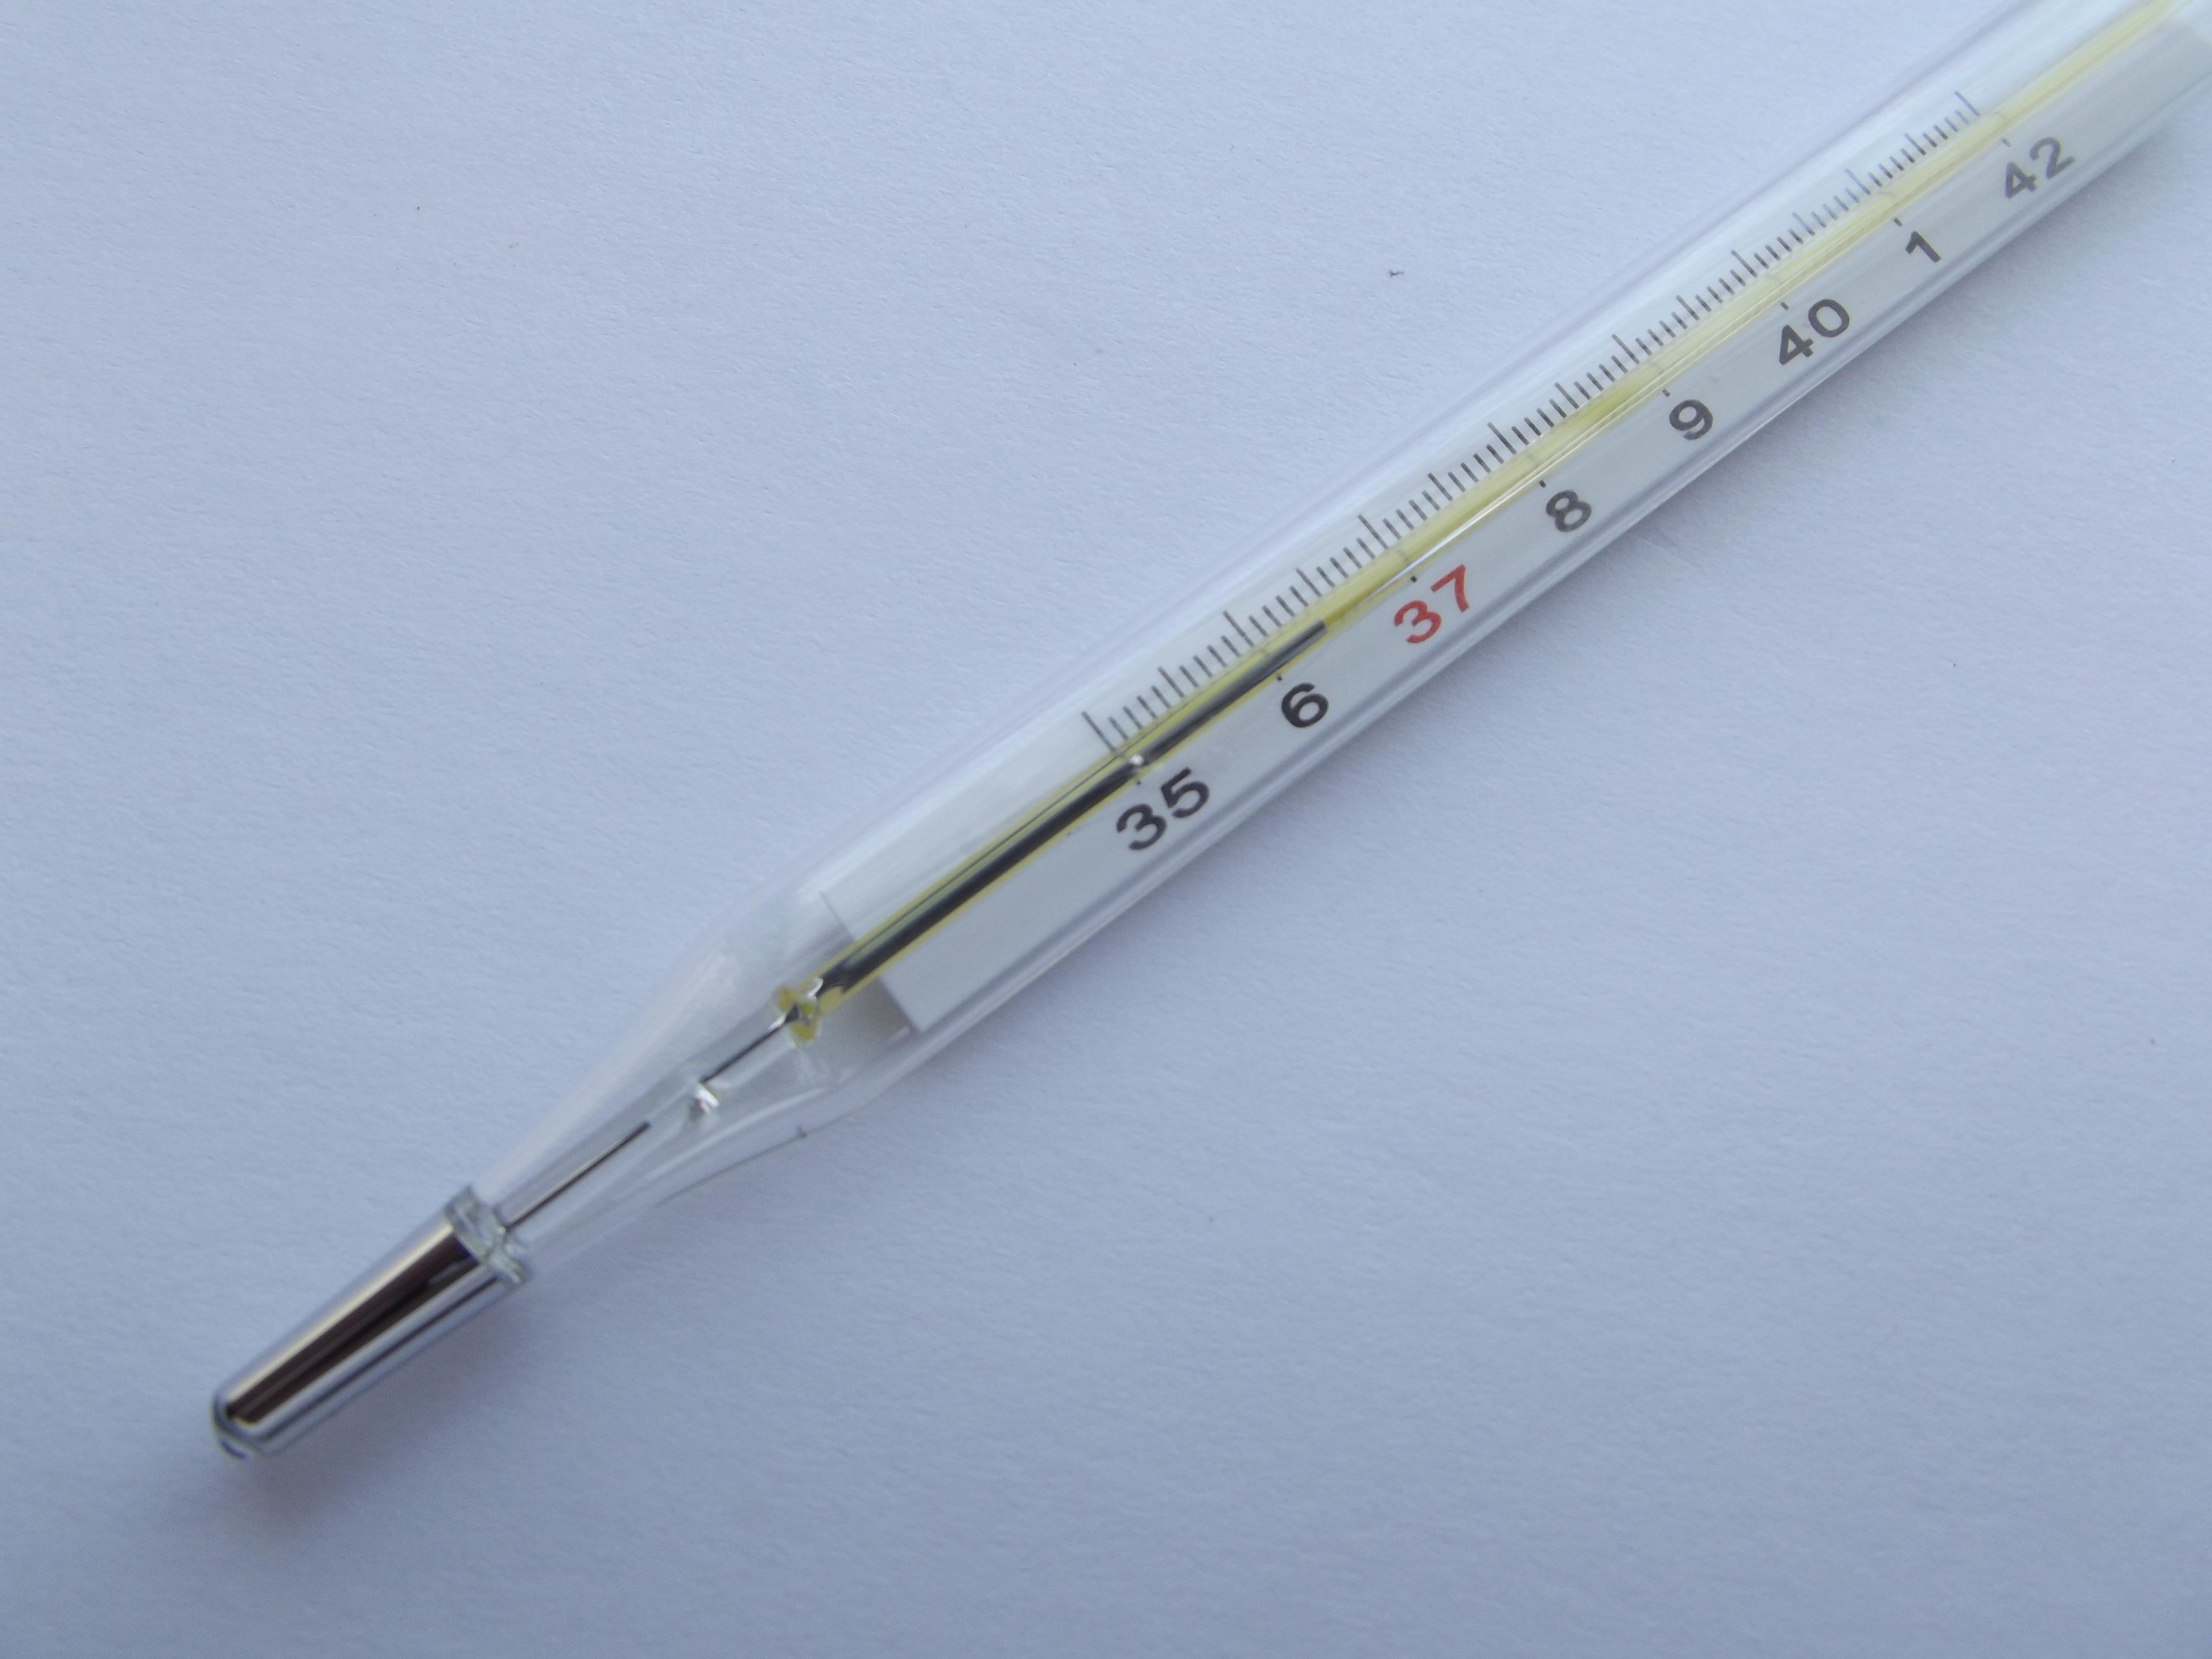 penna hög instrument skala friska mått team apotek Prosit feber termometer  medicinsk sjuk temperatur medicin behandling e5fe412d2e0df